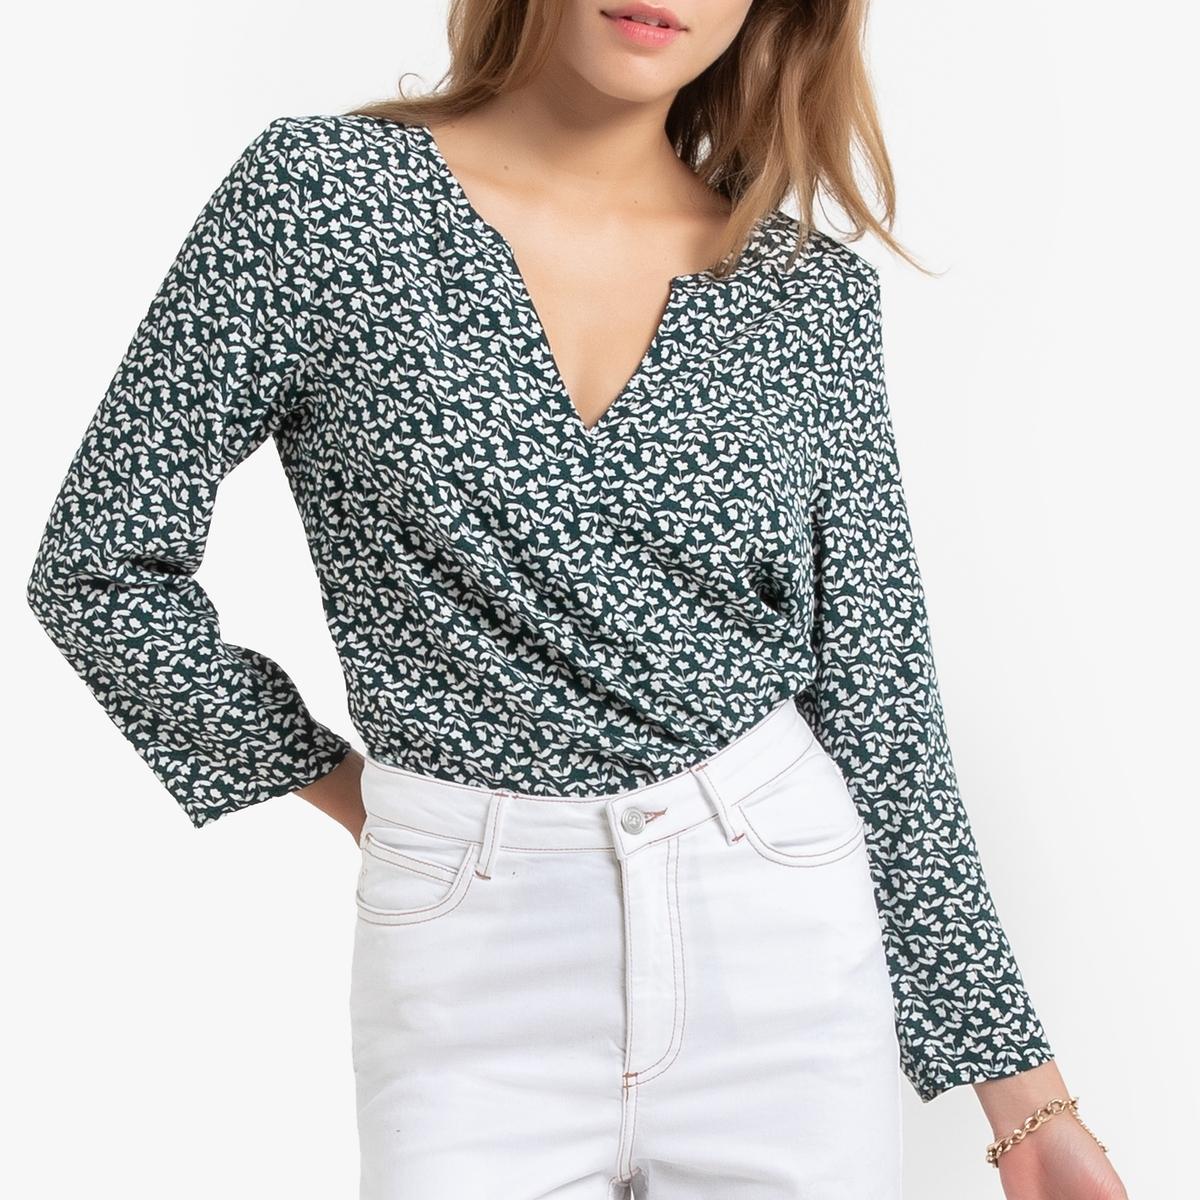 Фото - Блузка LaRedoute С цветочным рисунком V-образным вырезом и рукавами 34 XS зеленый блузка laredoute с принтом и v образным вырезом длинные рукава xs зеленый